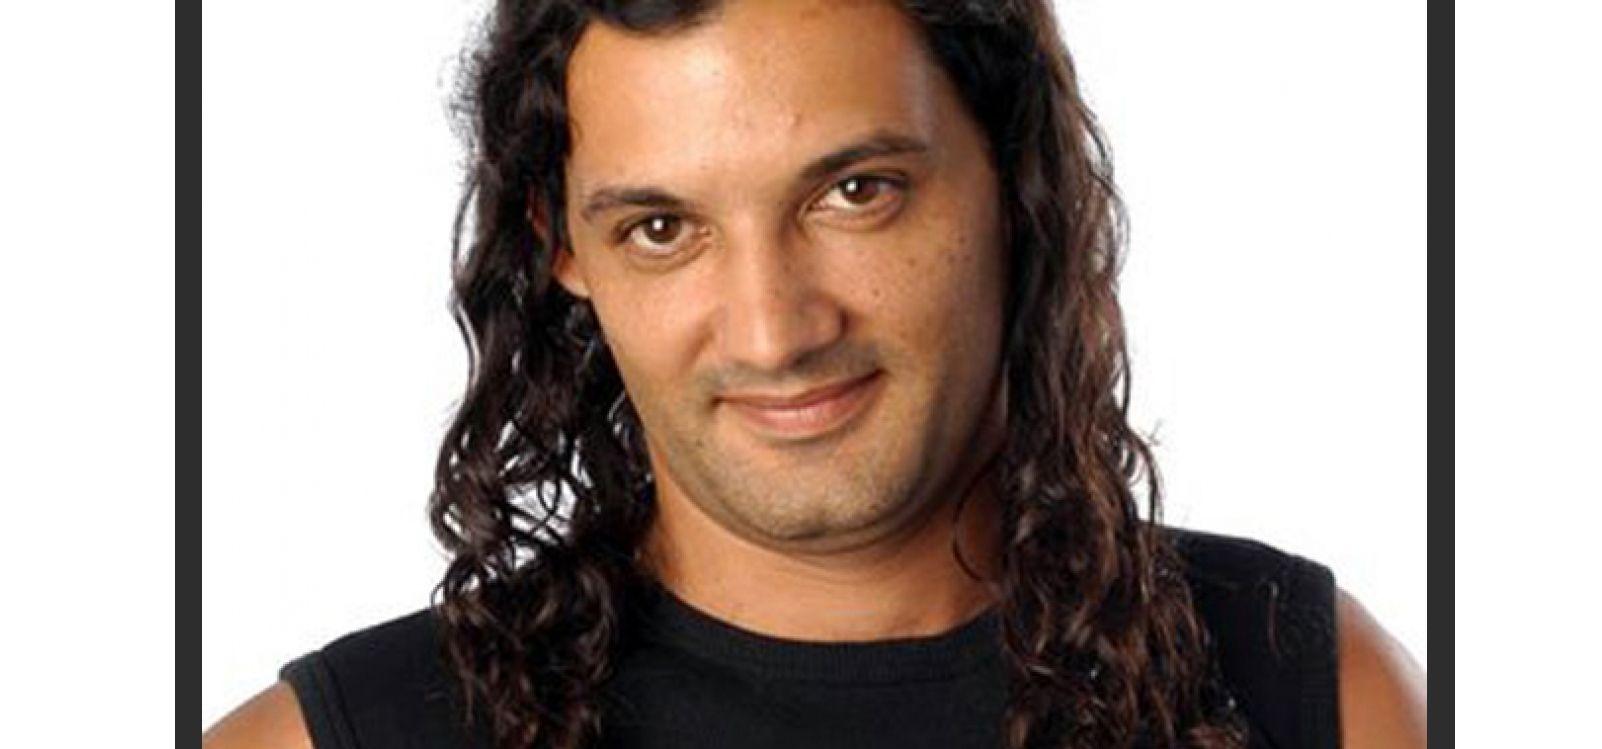 Detuvieron a Diego Leonardi por agredir a su pareja y resistirse a la autoridad